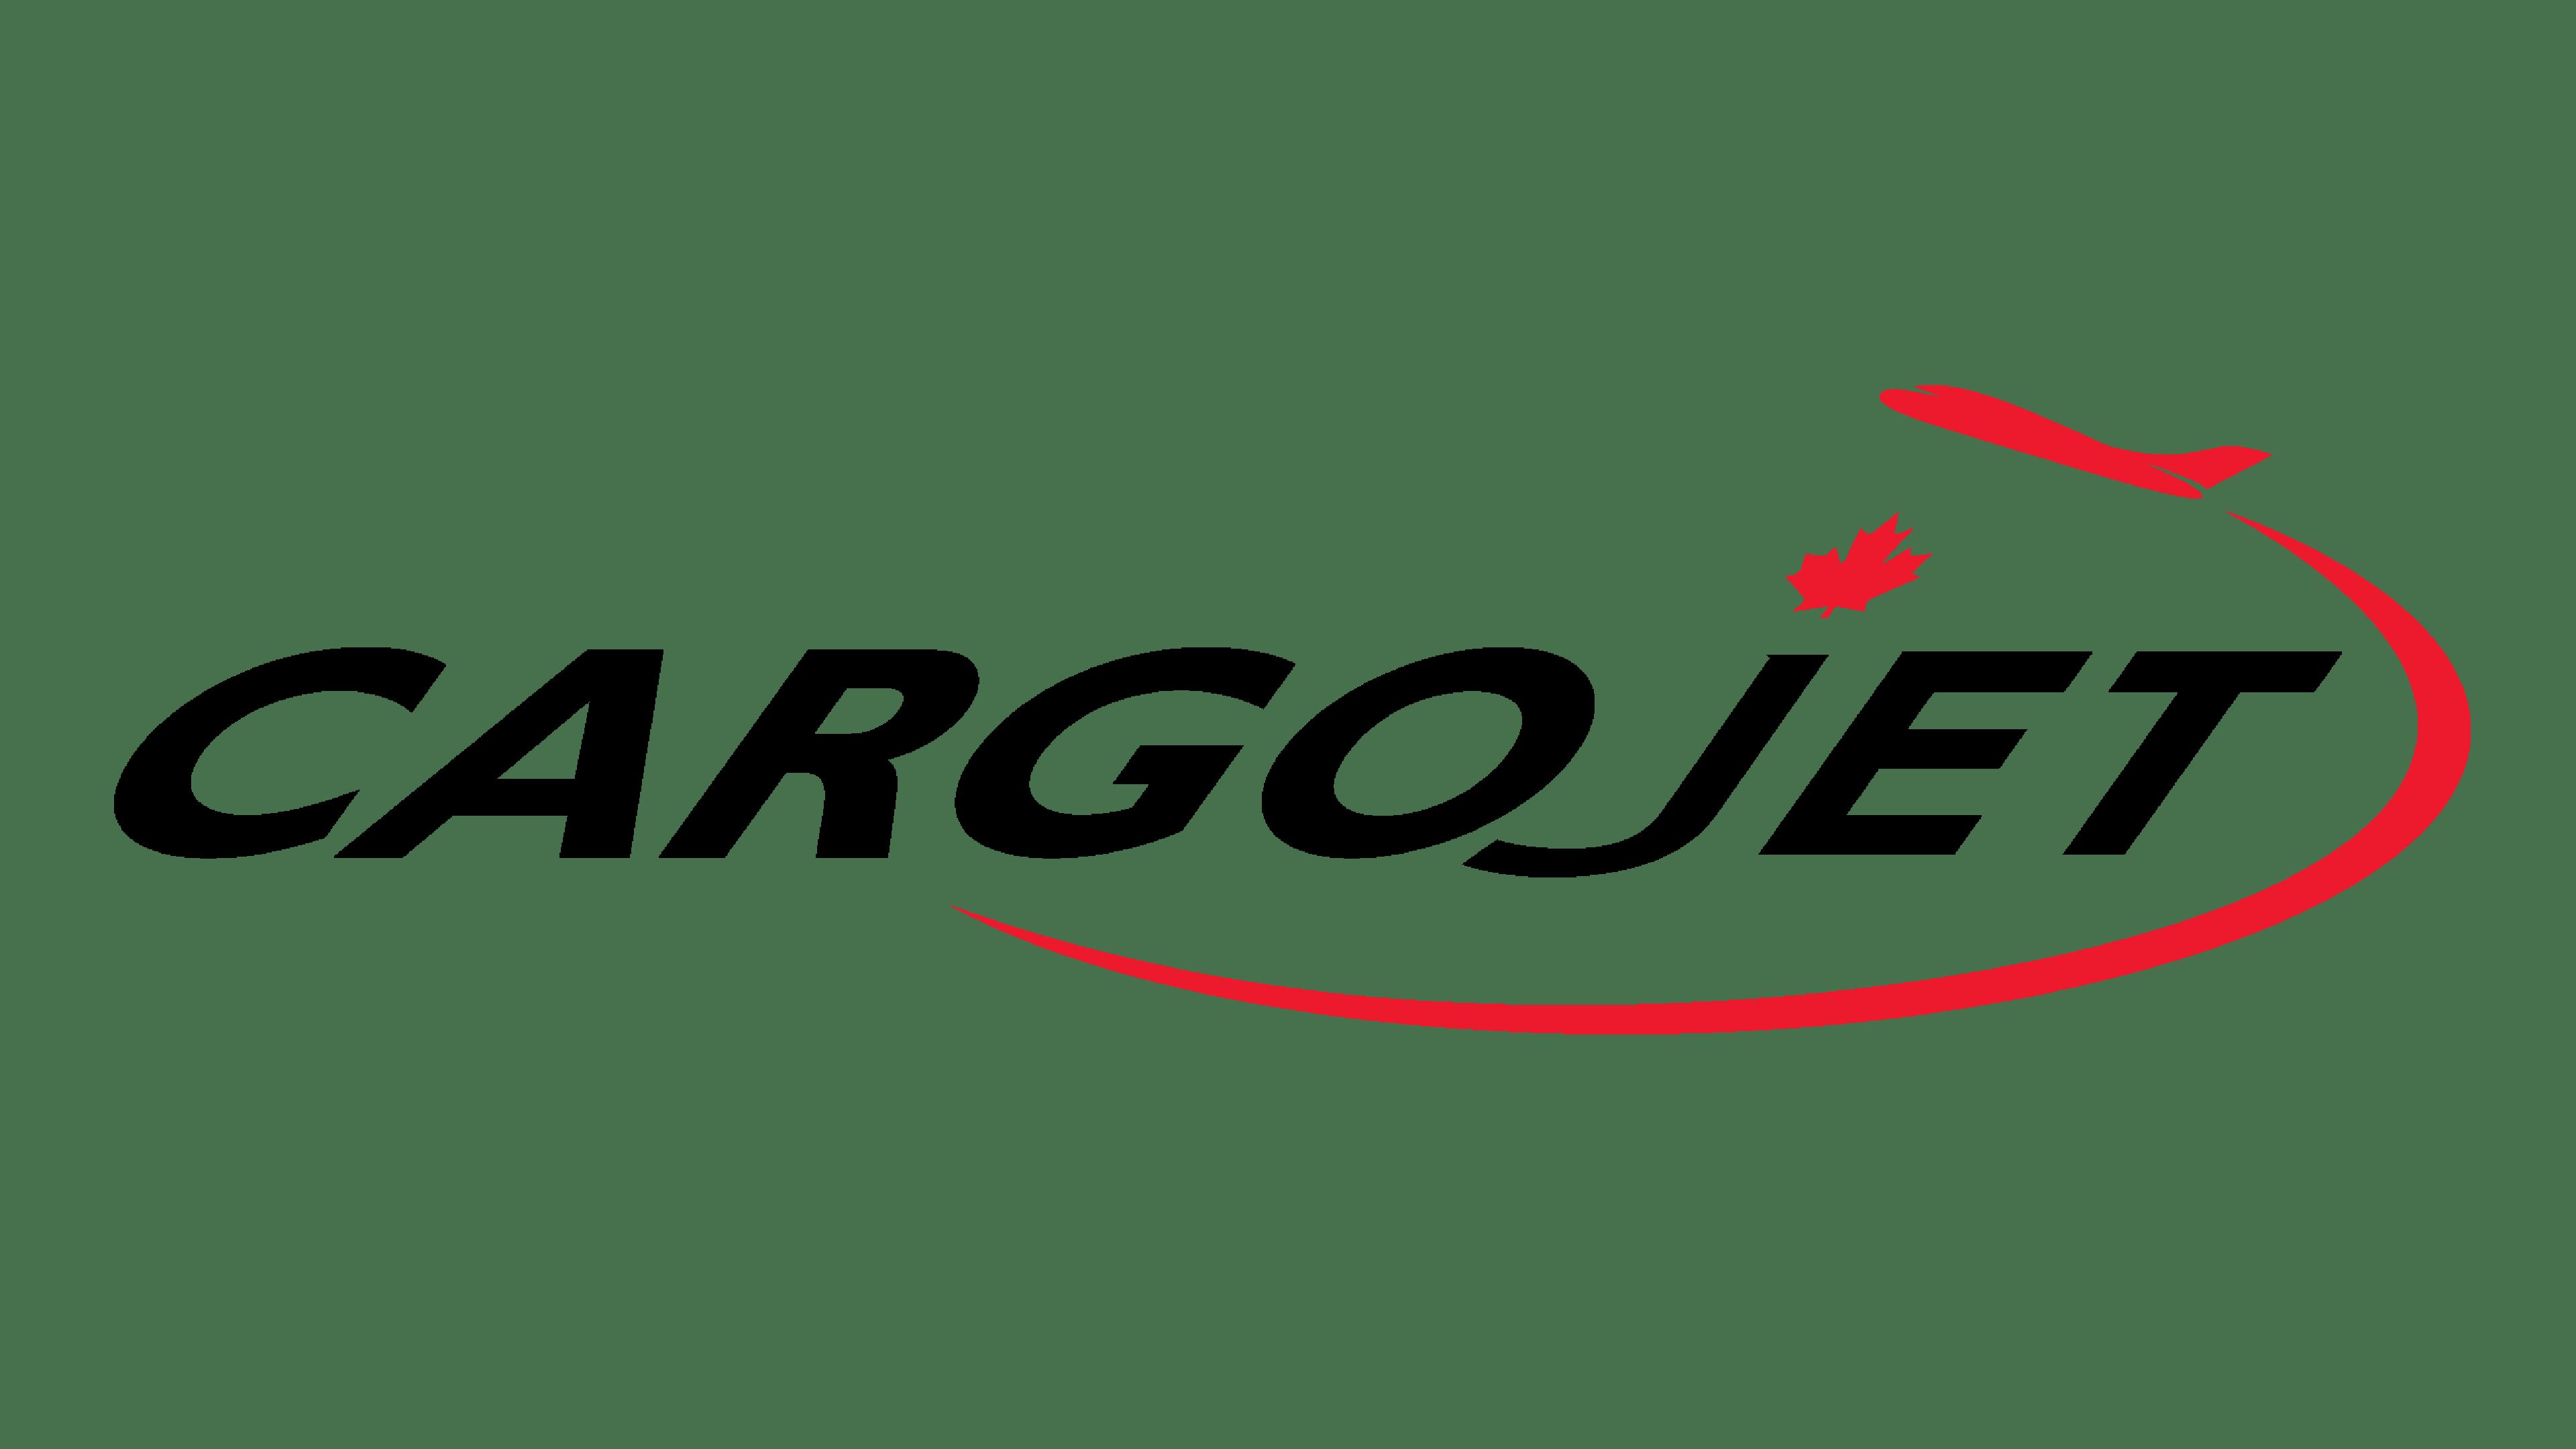 Cargojet Logo Logo